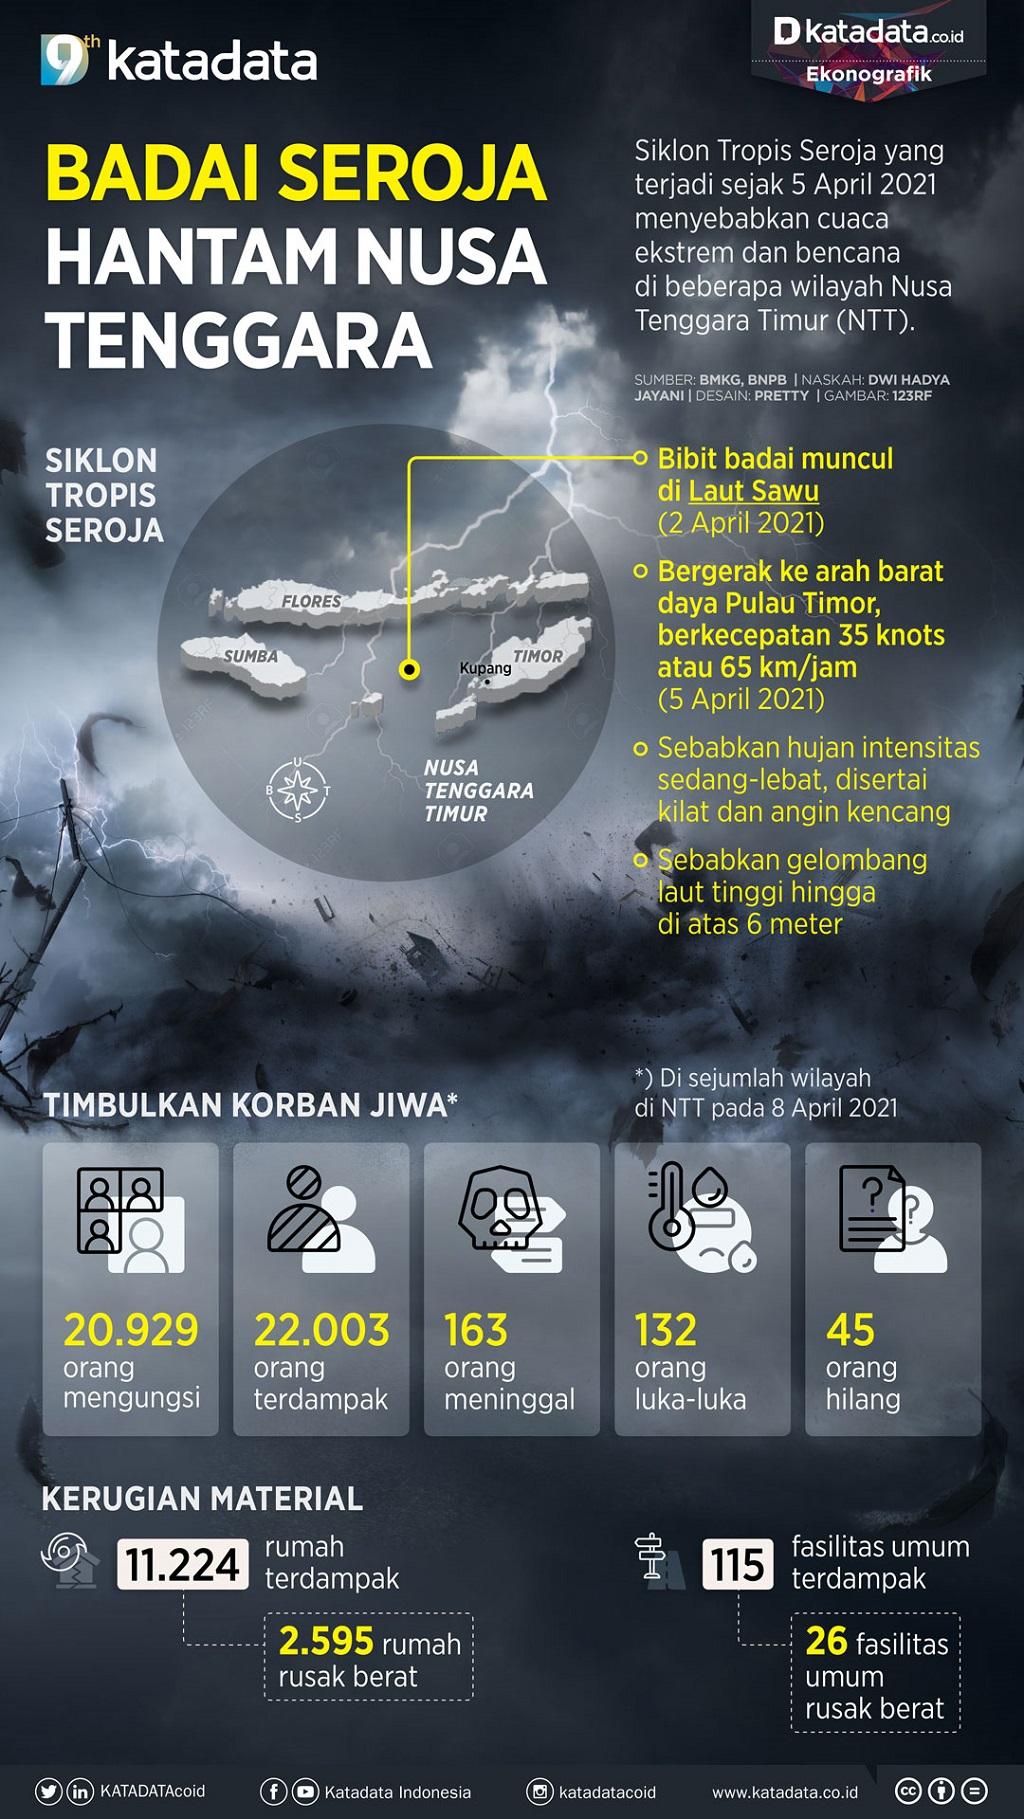 Infografik_Badai seroja hantam nusa tenggara